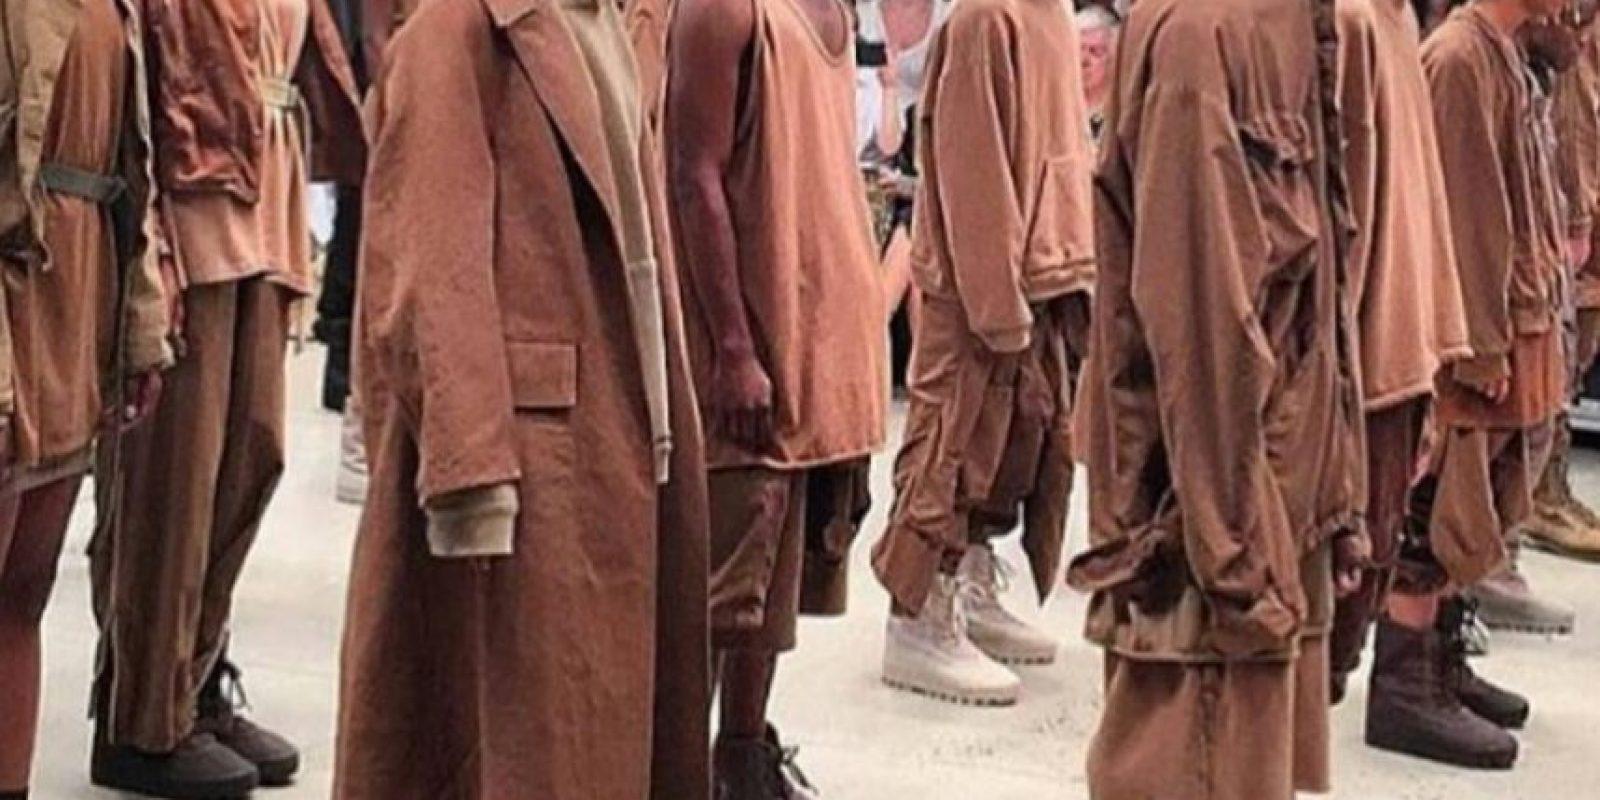 Lo dice por las capuchas terracota propias de los personajes de la saga de George Lucas. Foto:vía Instagram